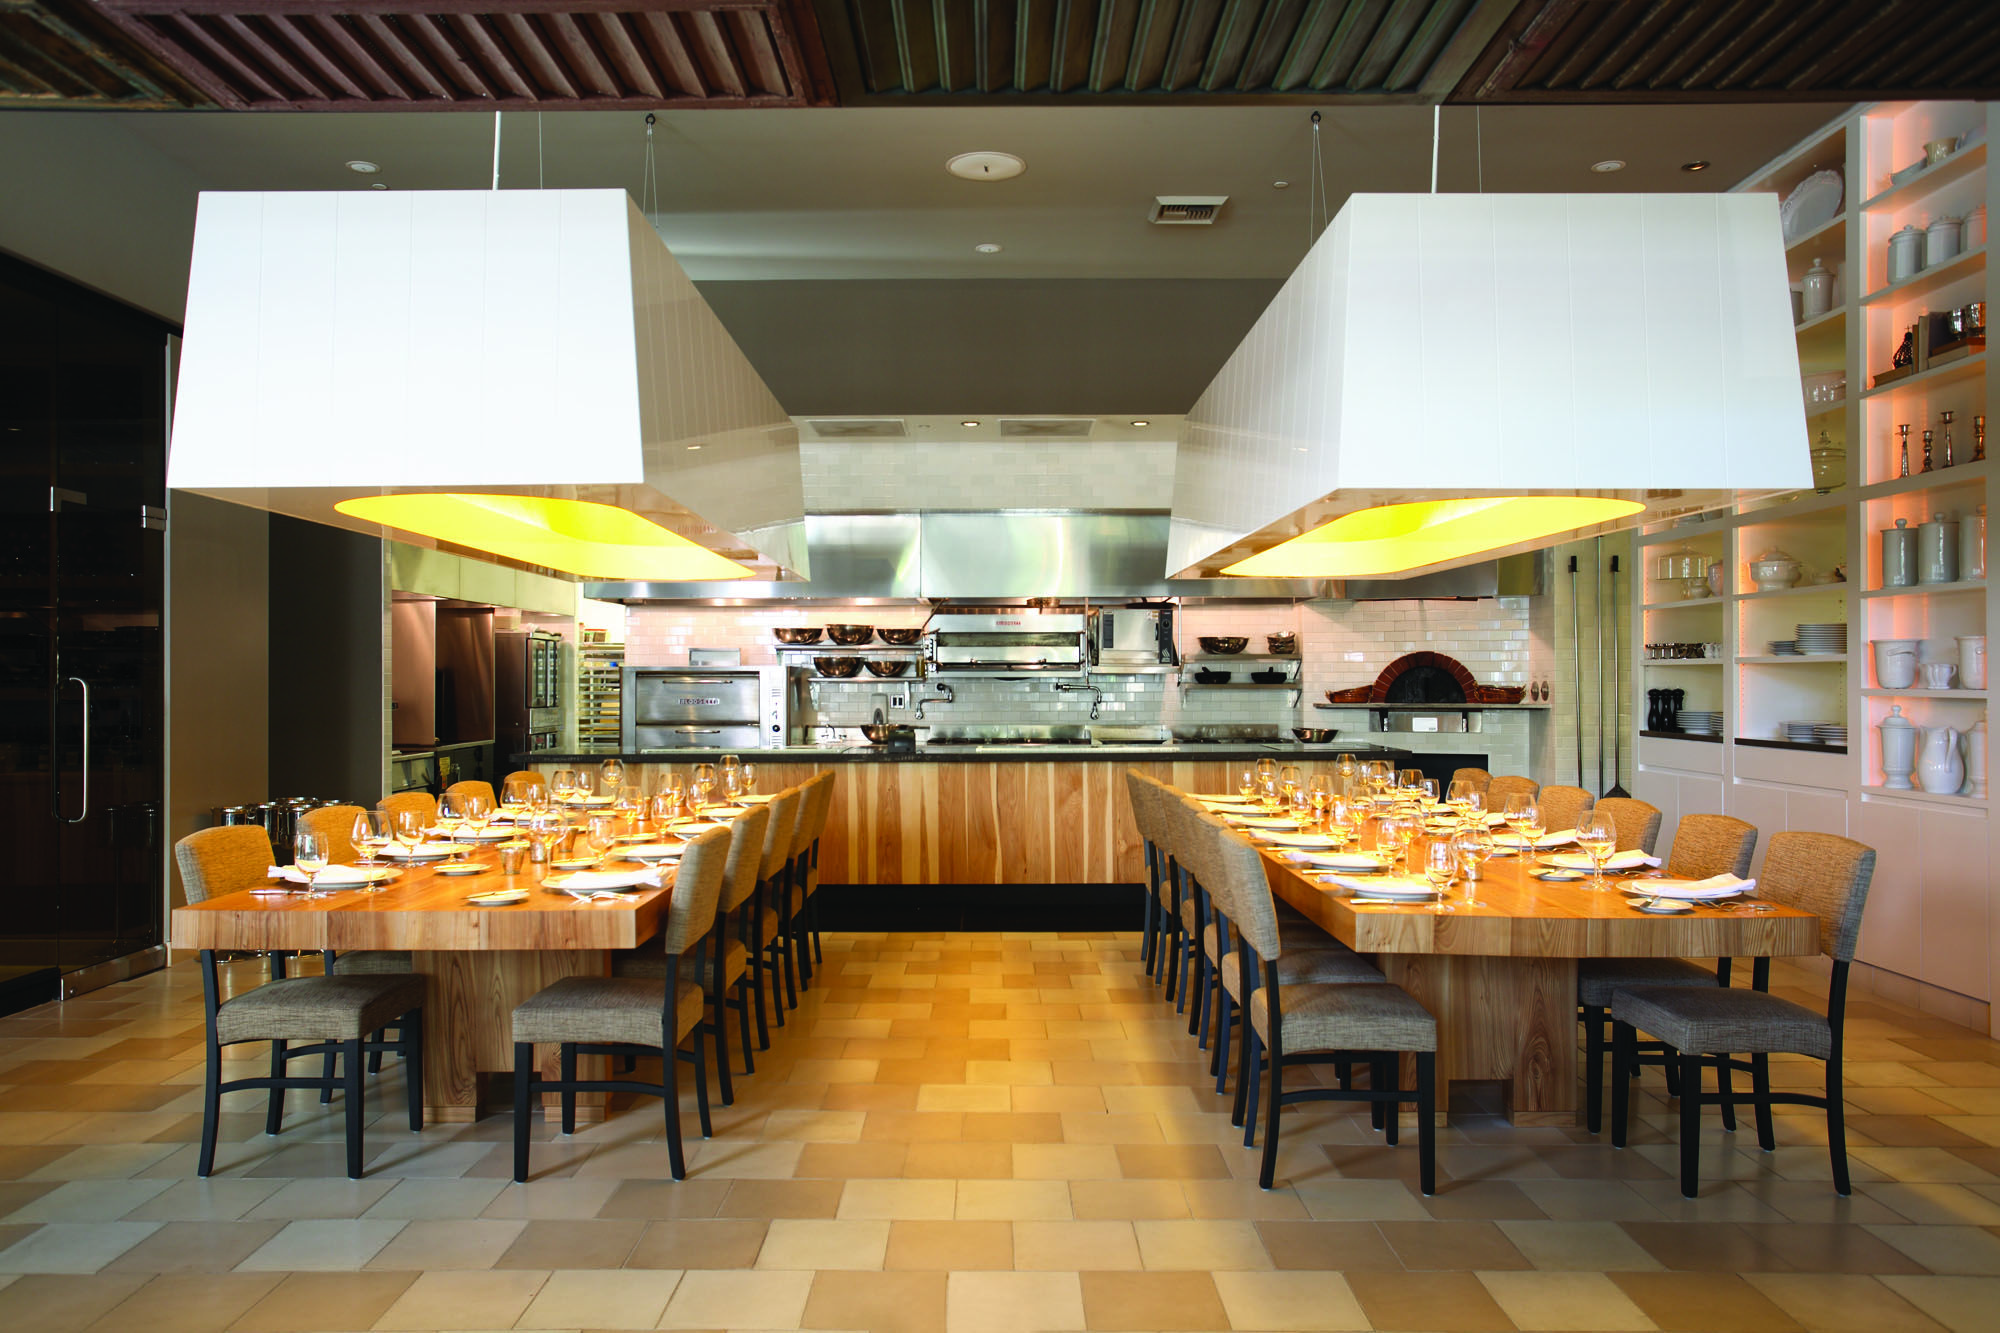 Ella Ella Ella Dining Room Bar Restaurant Interior Dining Room